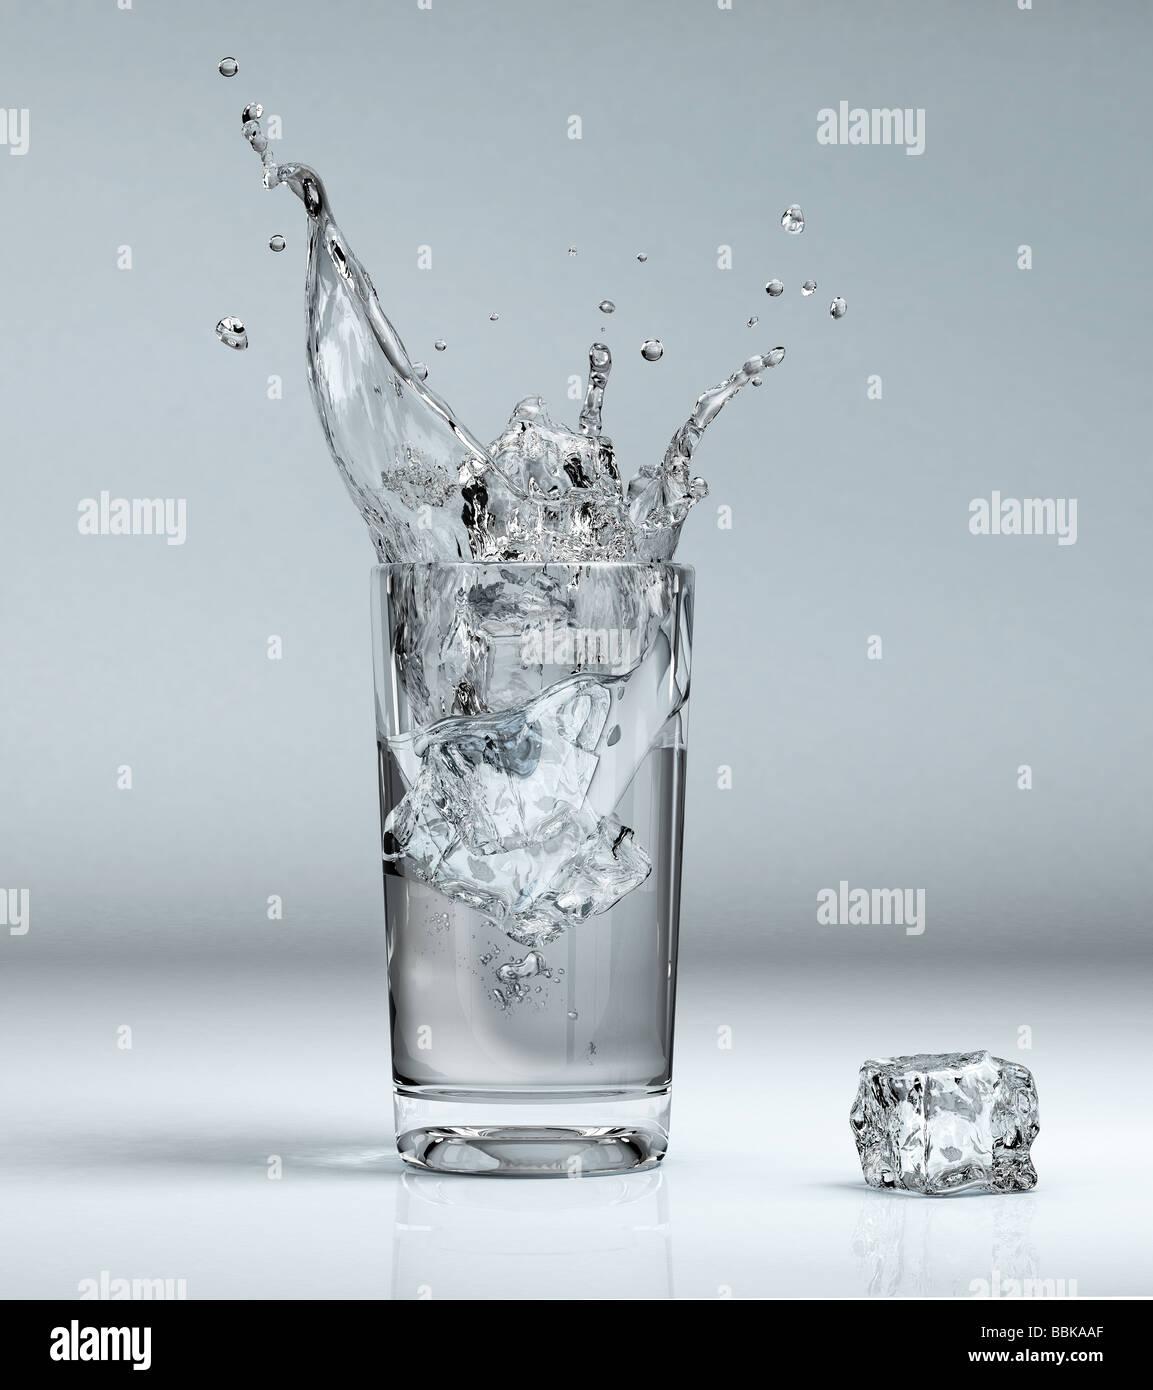 Cubo de hielo que cae en un vaso lleno de agua Imagen De Stock